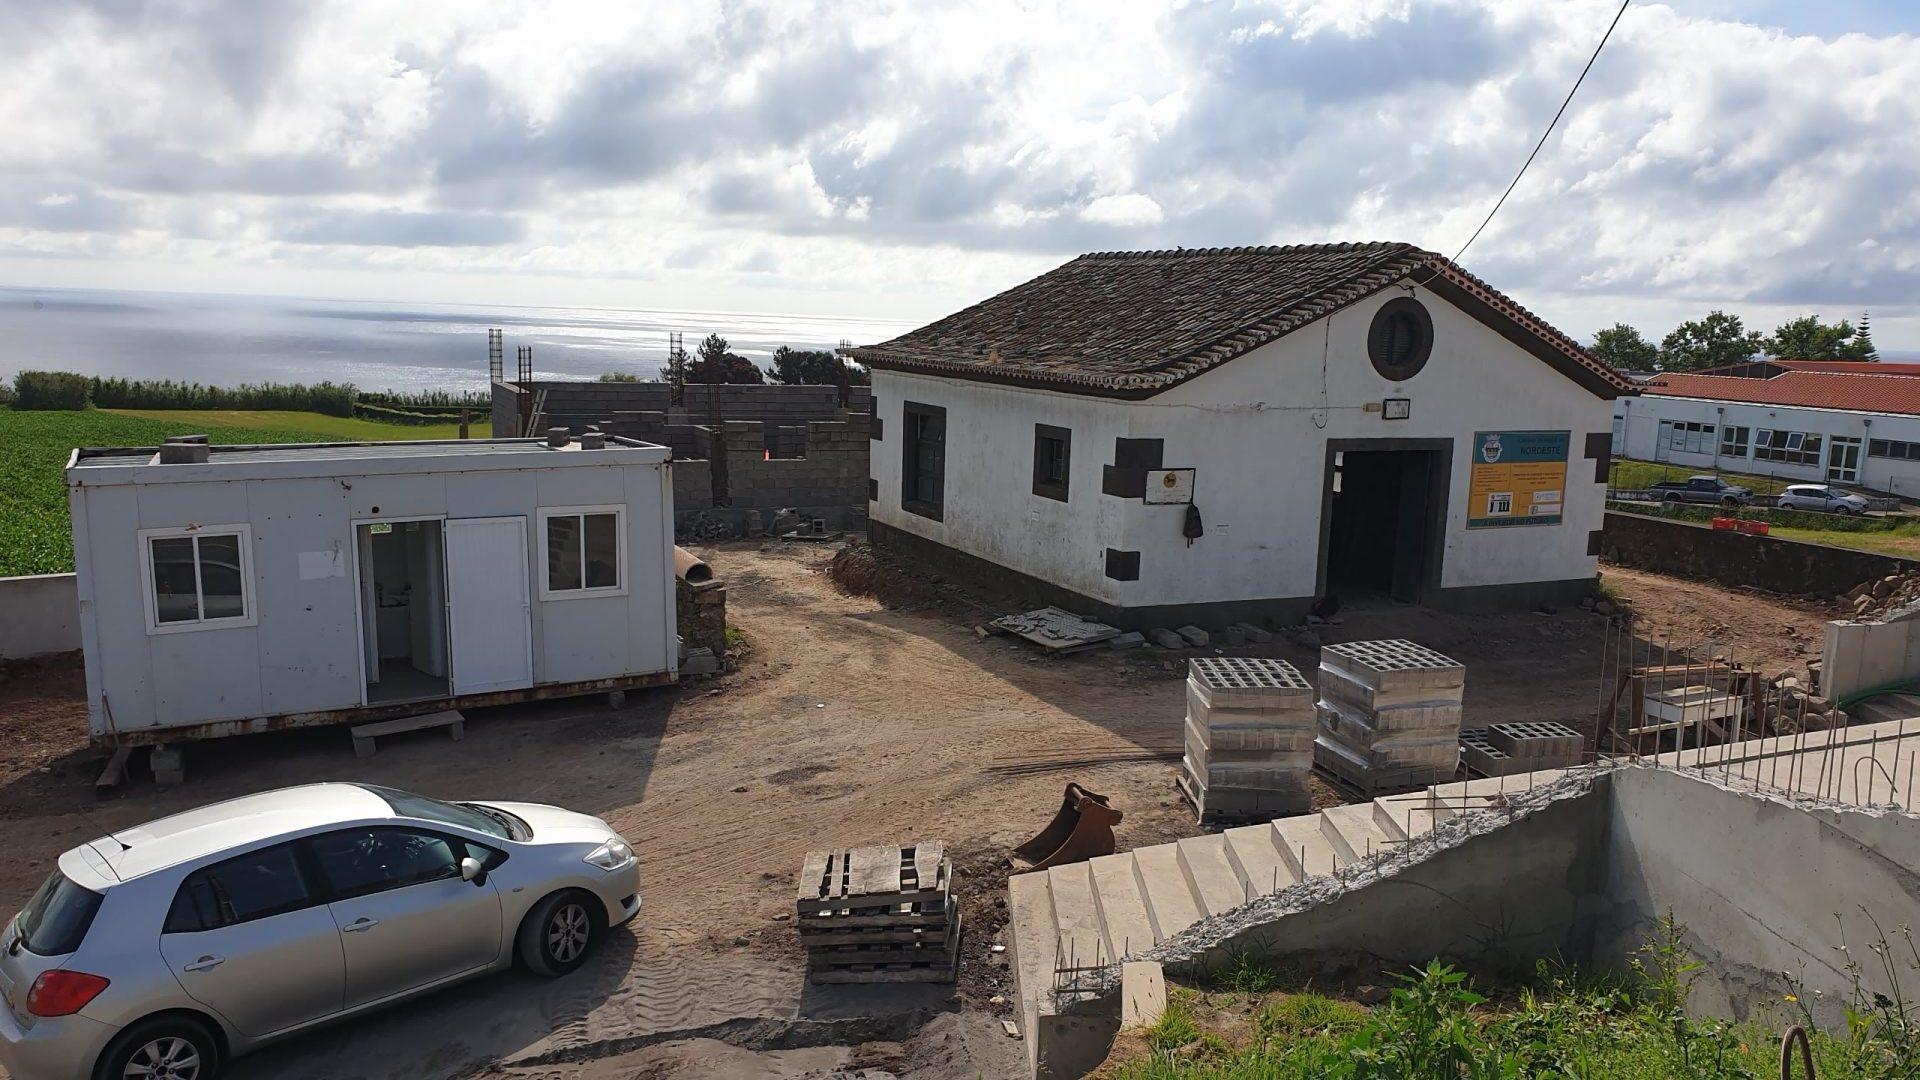 Adaptaçao de edificio a capela funeraria - Vila do Nordeste (a)